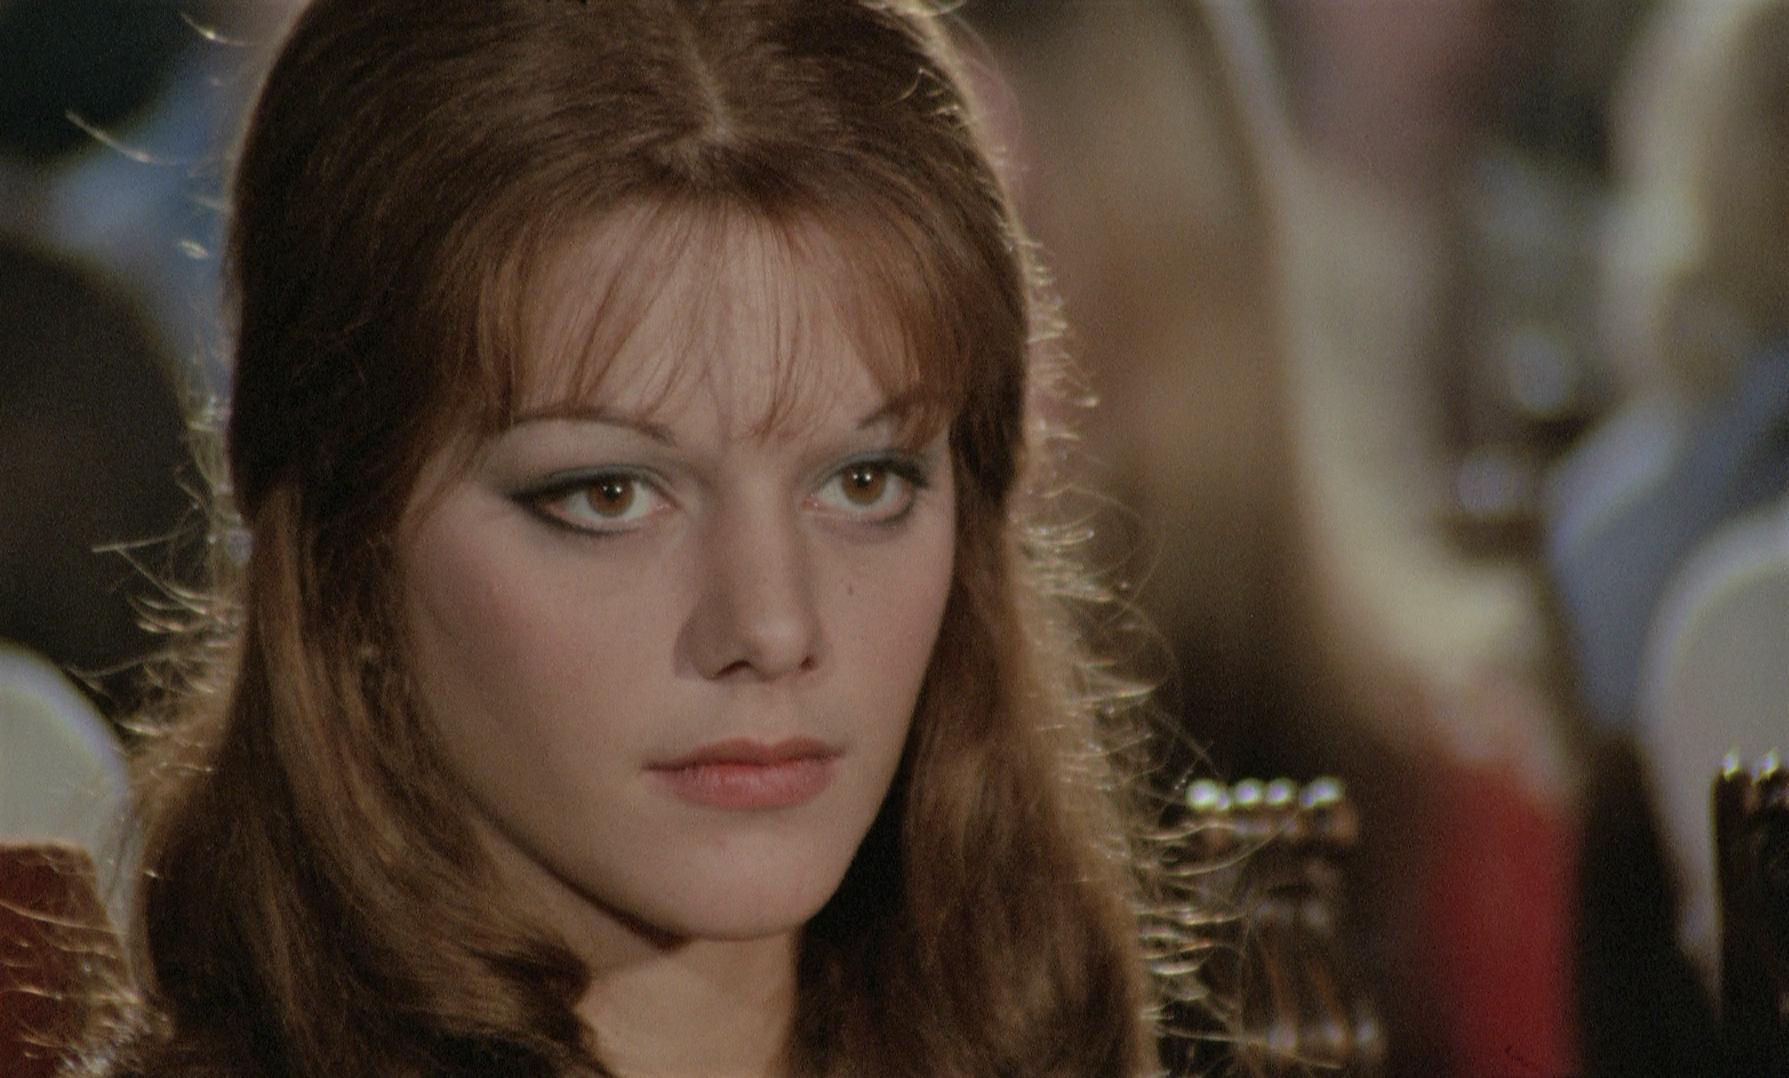 Tina Aumont in I corpi presentano tracce di violenza carnale (1973)